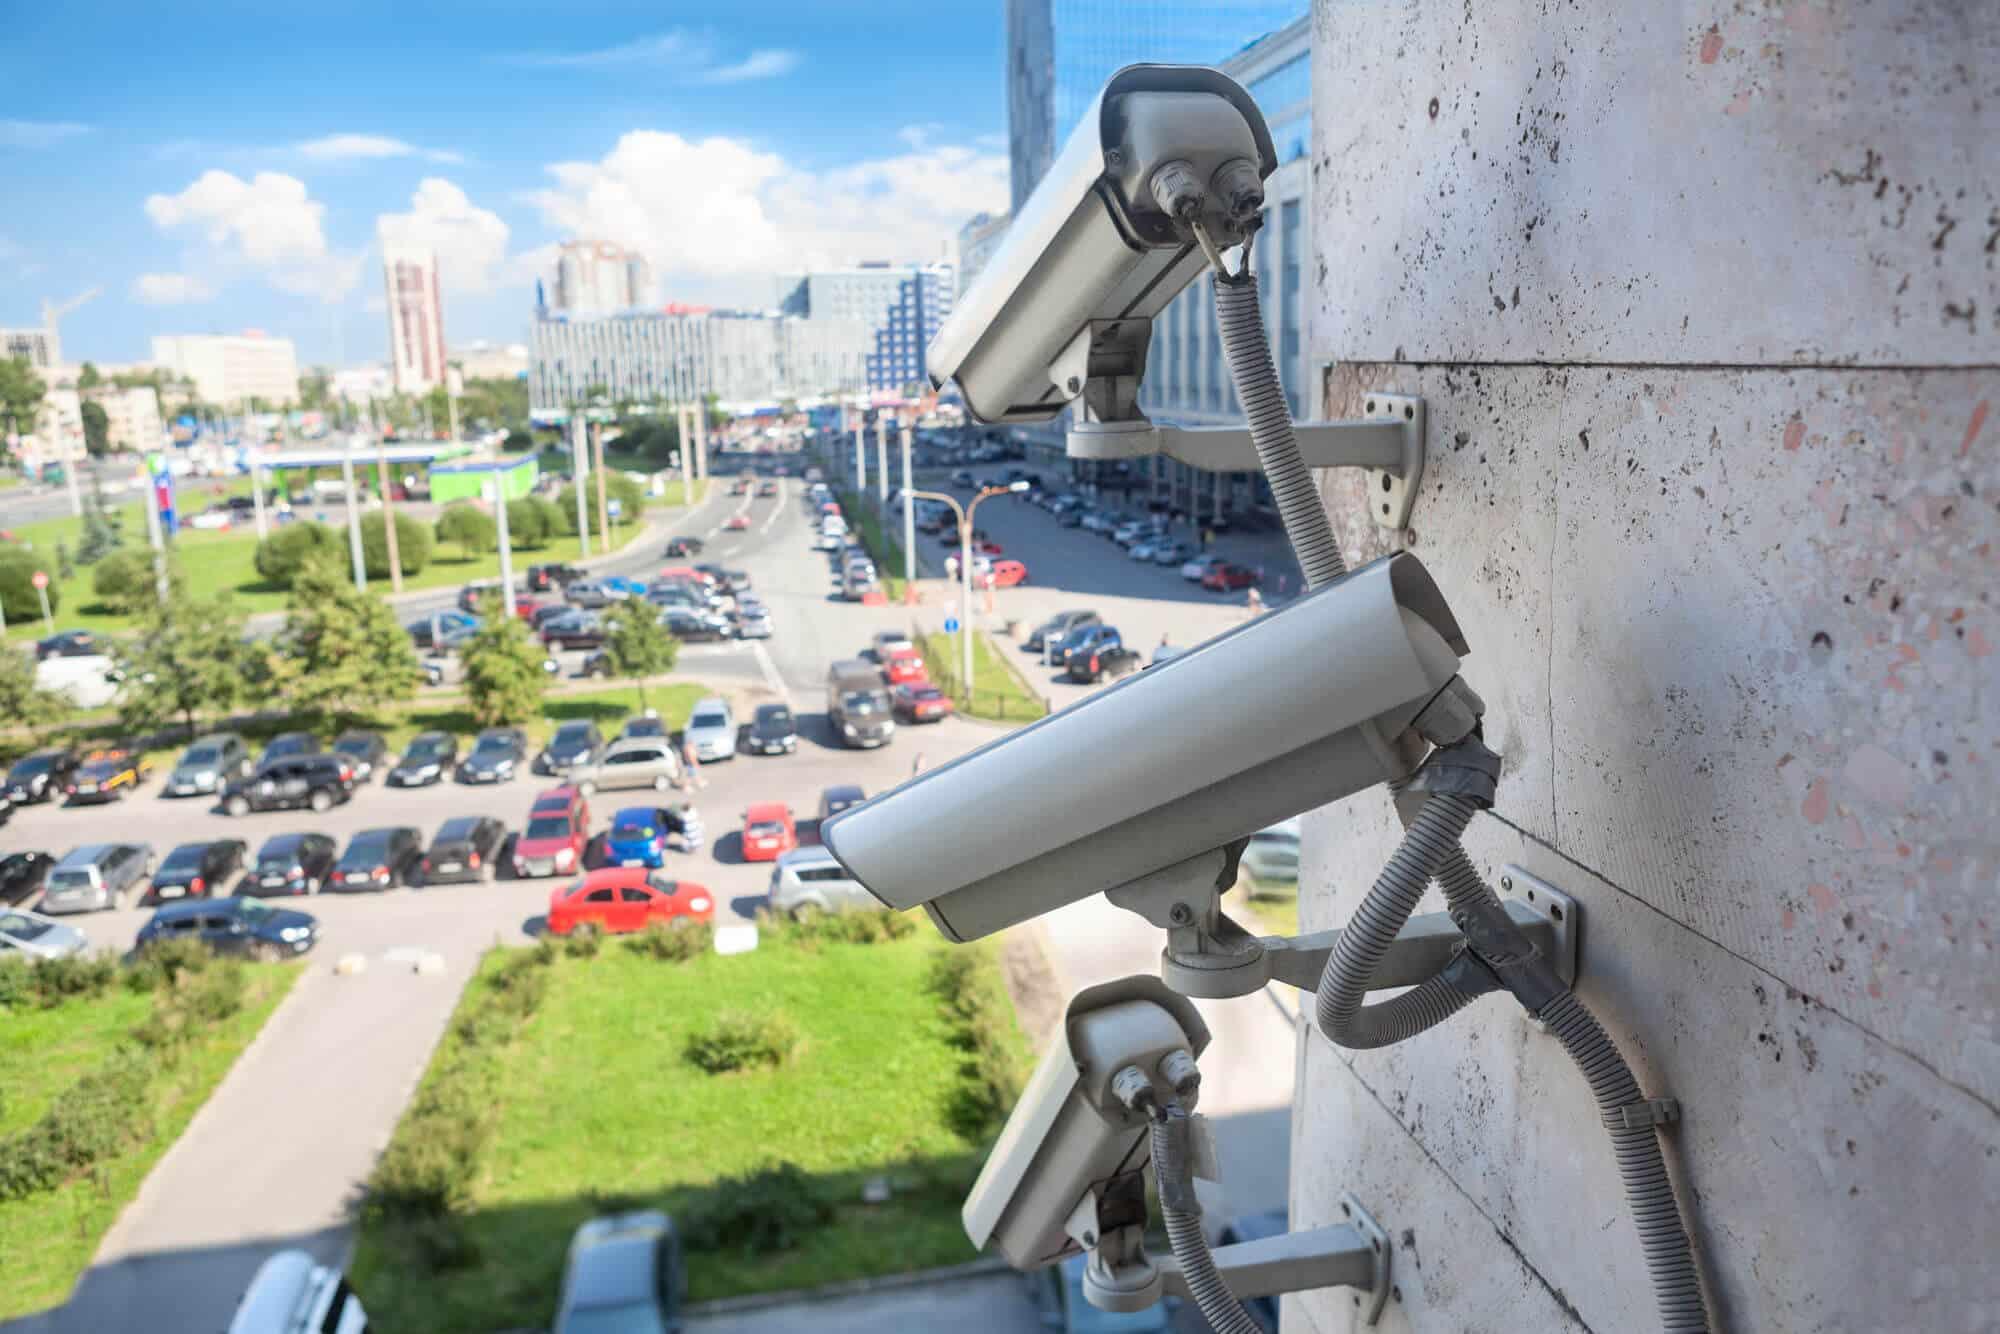 Videoüberwachung im Betrieb: Was ist erlaubt?